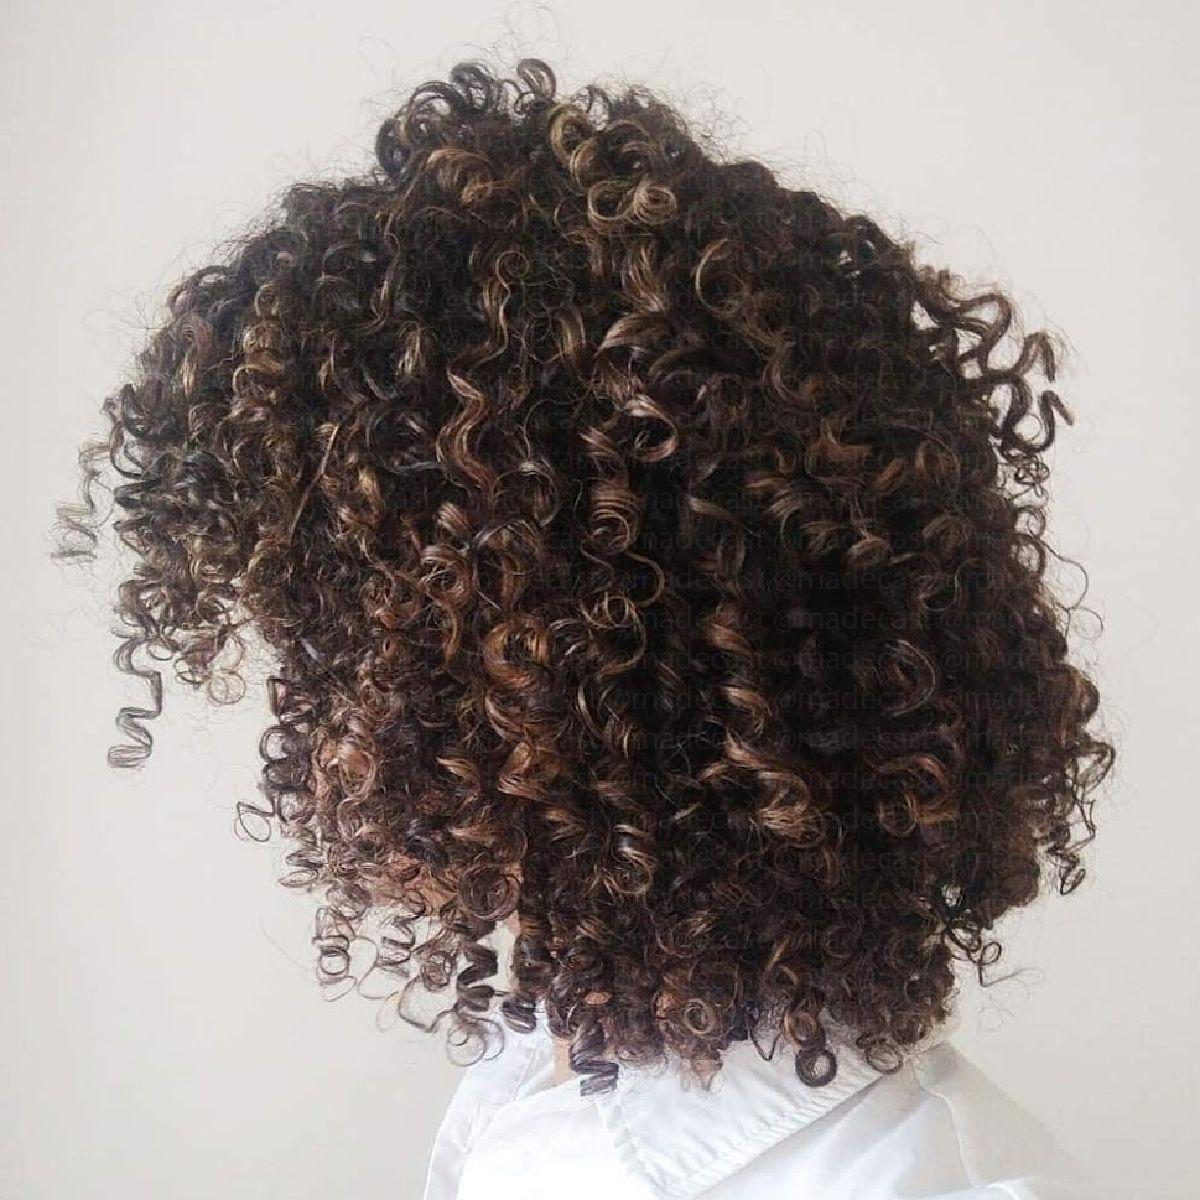 Curly Natural Hair Highlights Natural Hair Highlights Natural Hair Styles Curly Hair Styles Naturally